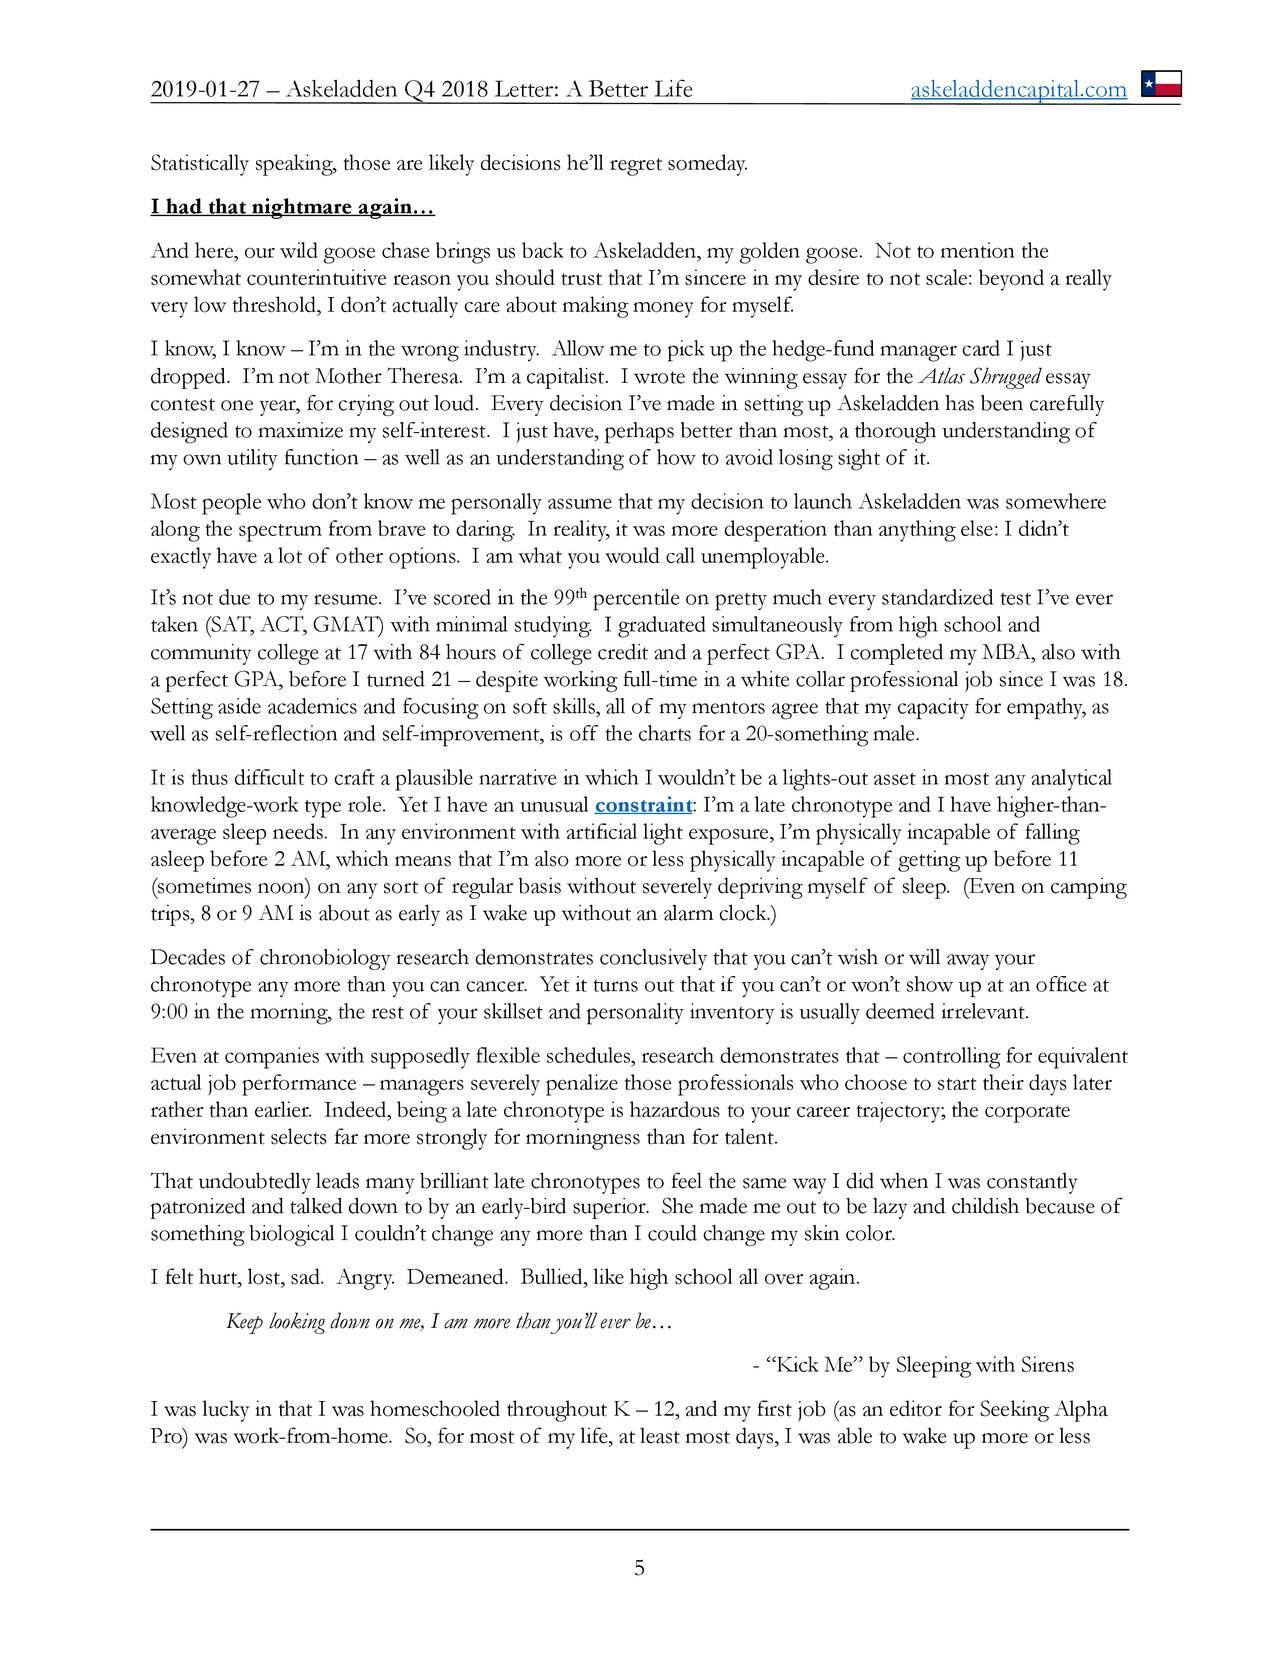 Askeladden Q4 2018 Letter A Better Life Seeking Alpha